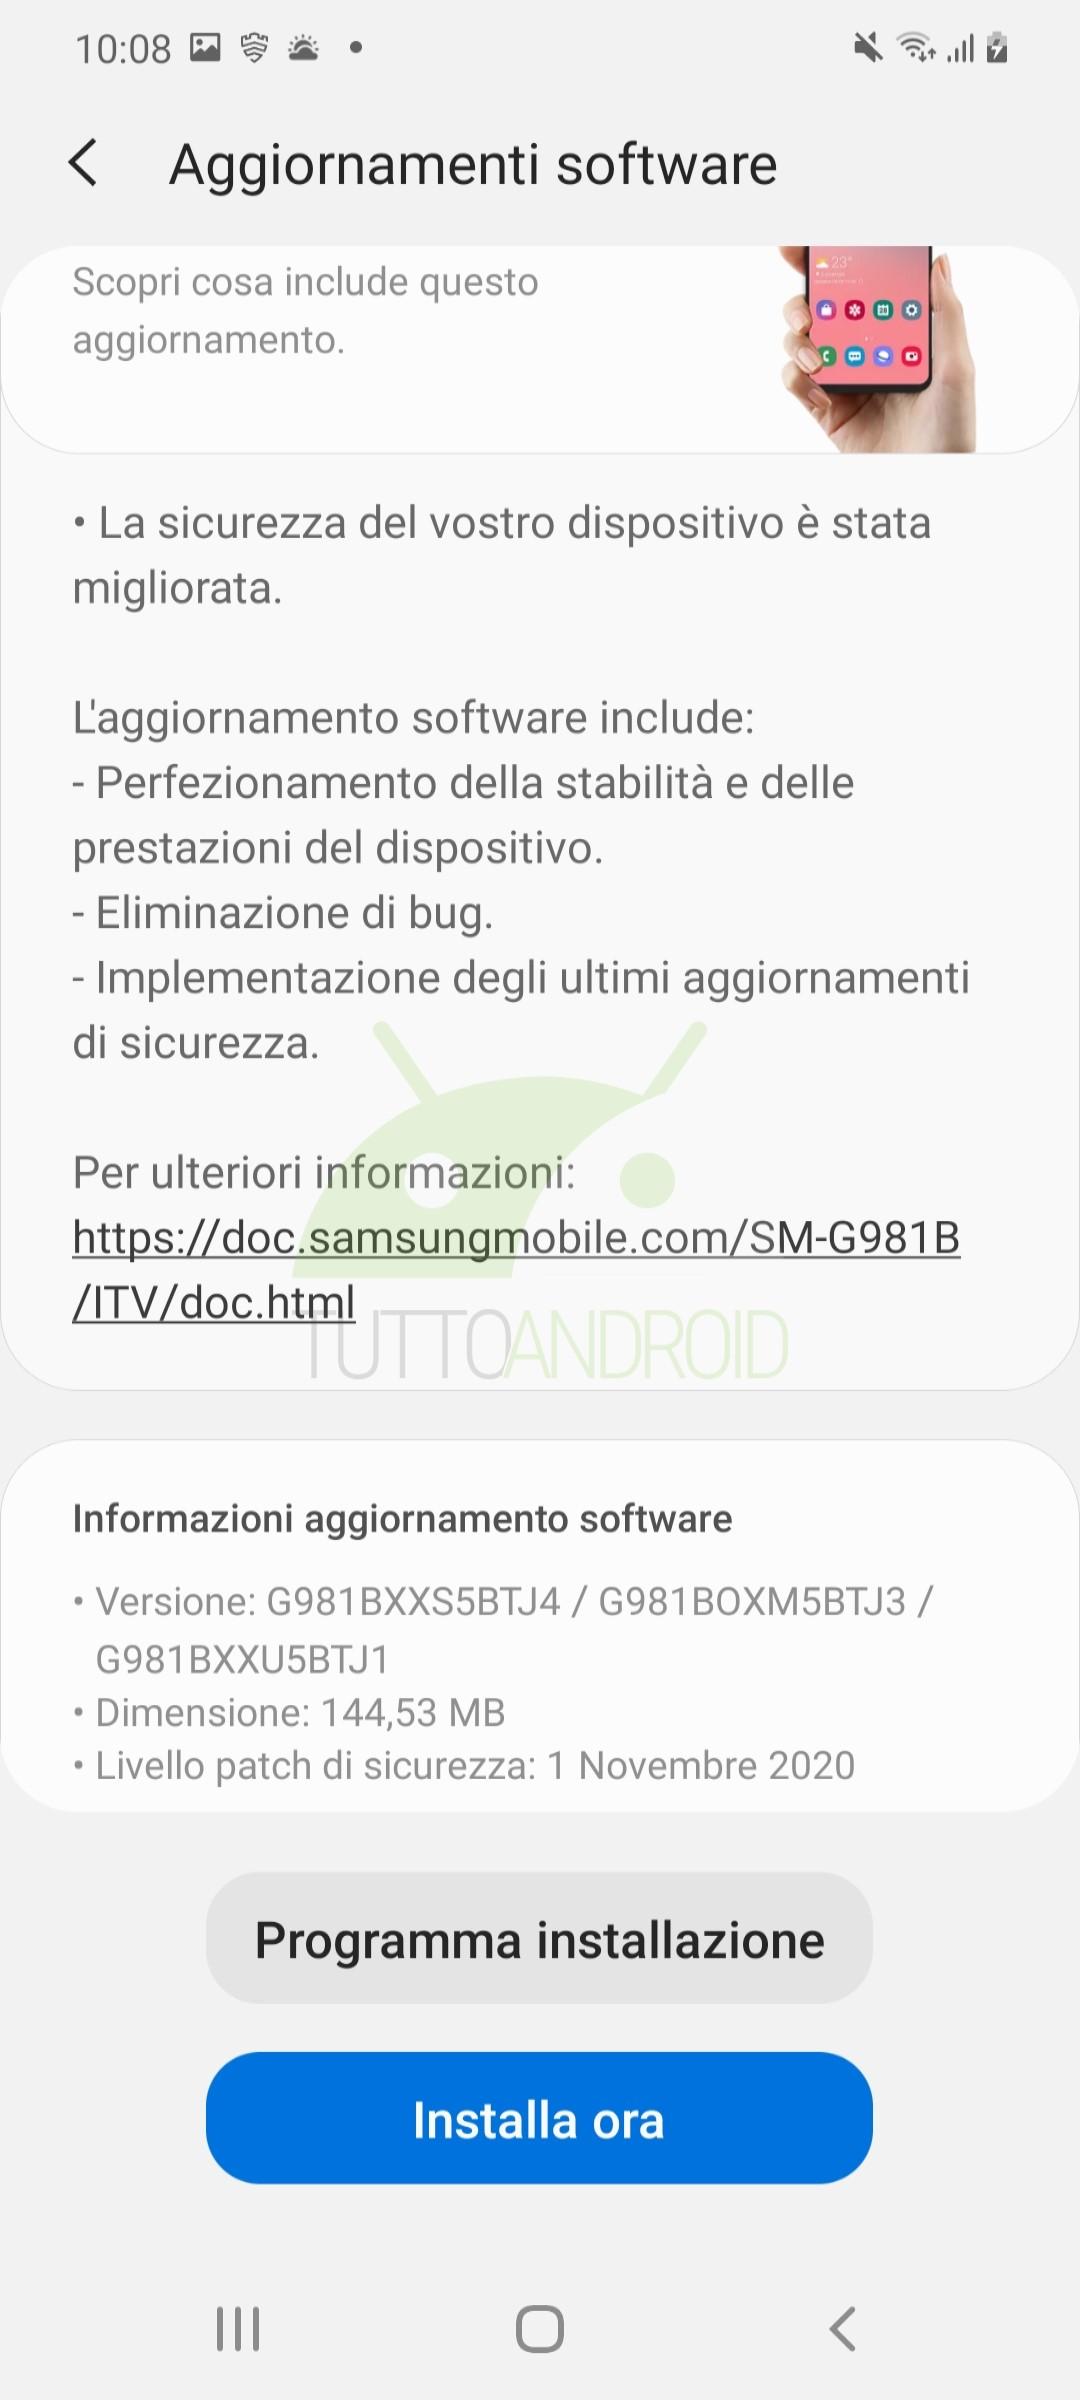 aggiornamento Samsung Galaxy S20 patch di sicurezza novembre 2020